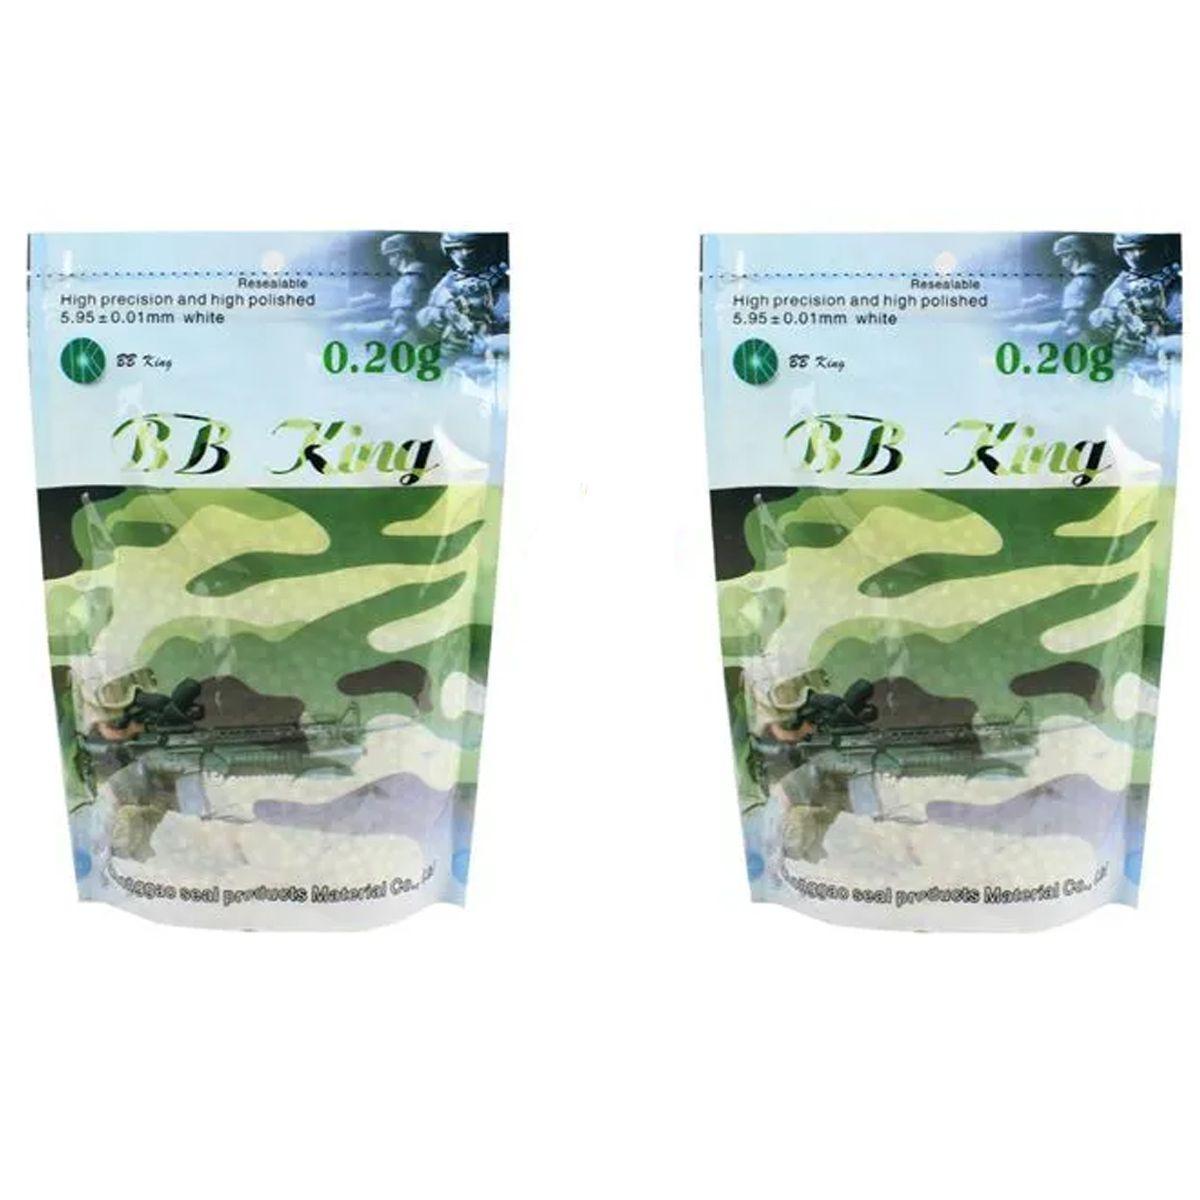 Kit 02 Sacos De Bbs Airsoft Munição Plástica Bb King 0.20g